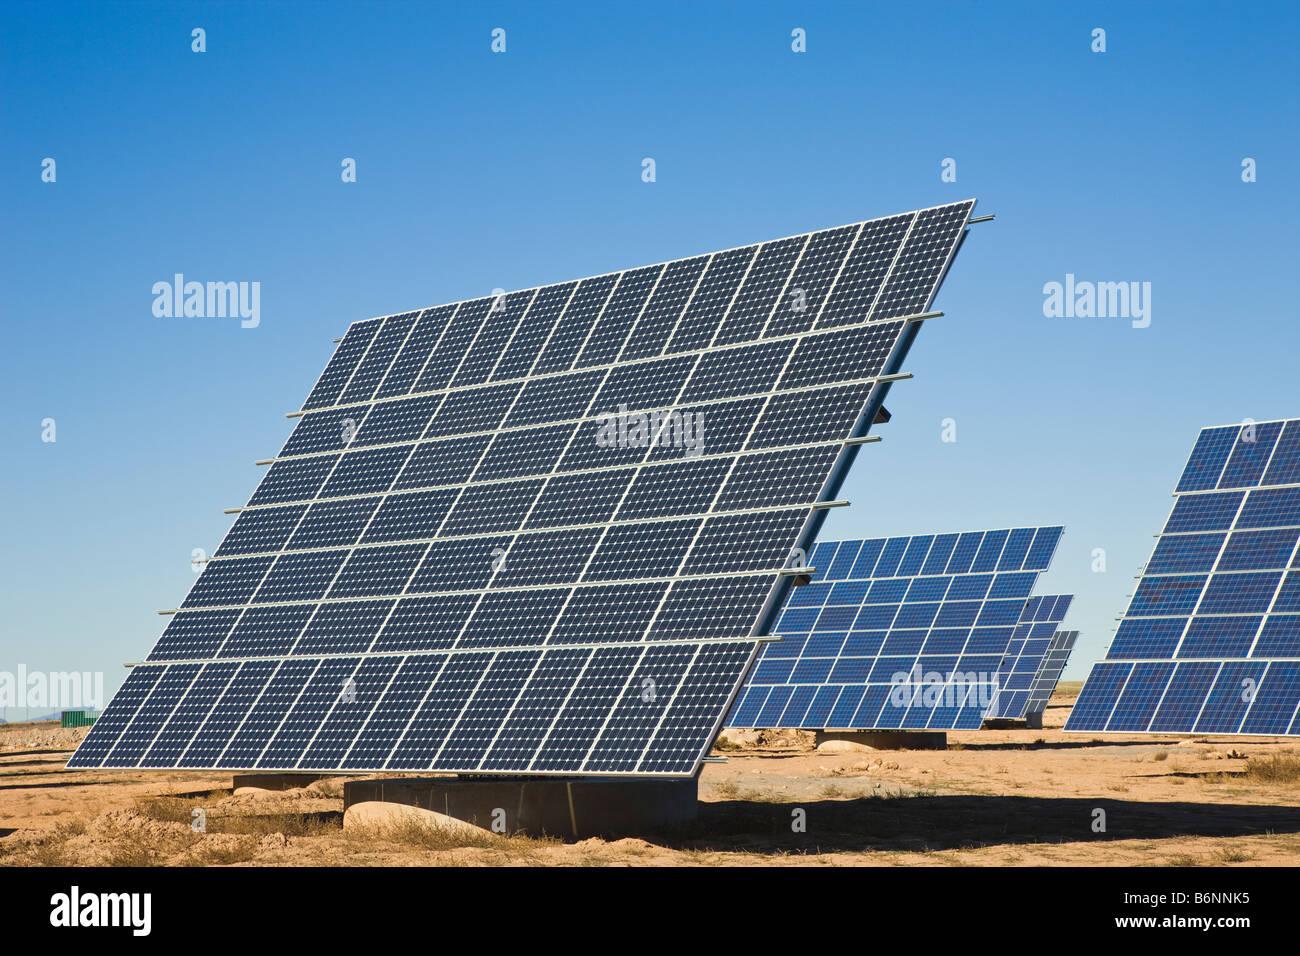 Centro de energía solar, cerca de La Calahorra Granada Provincia España Imagen De Stock